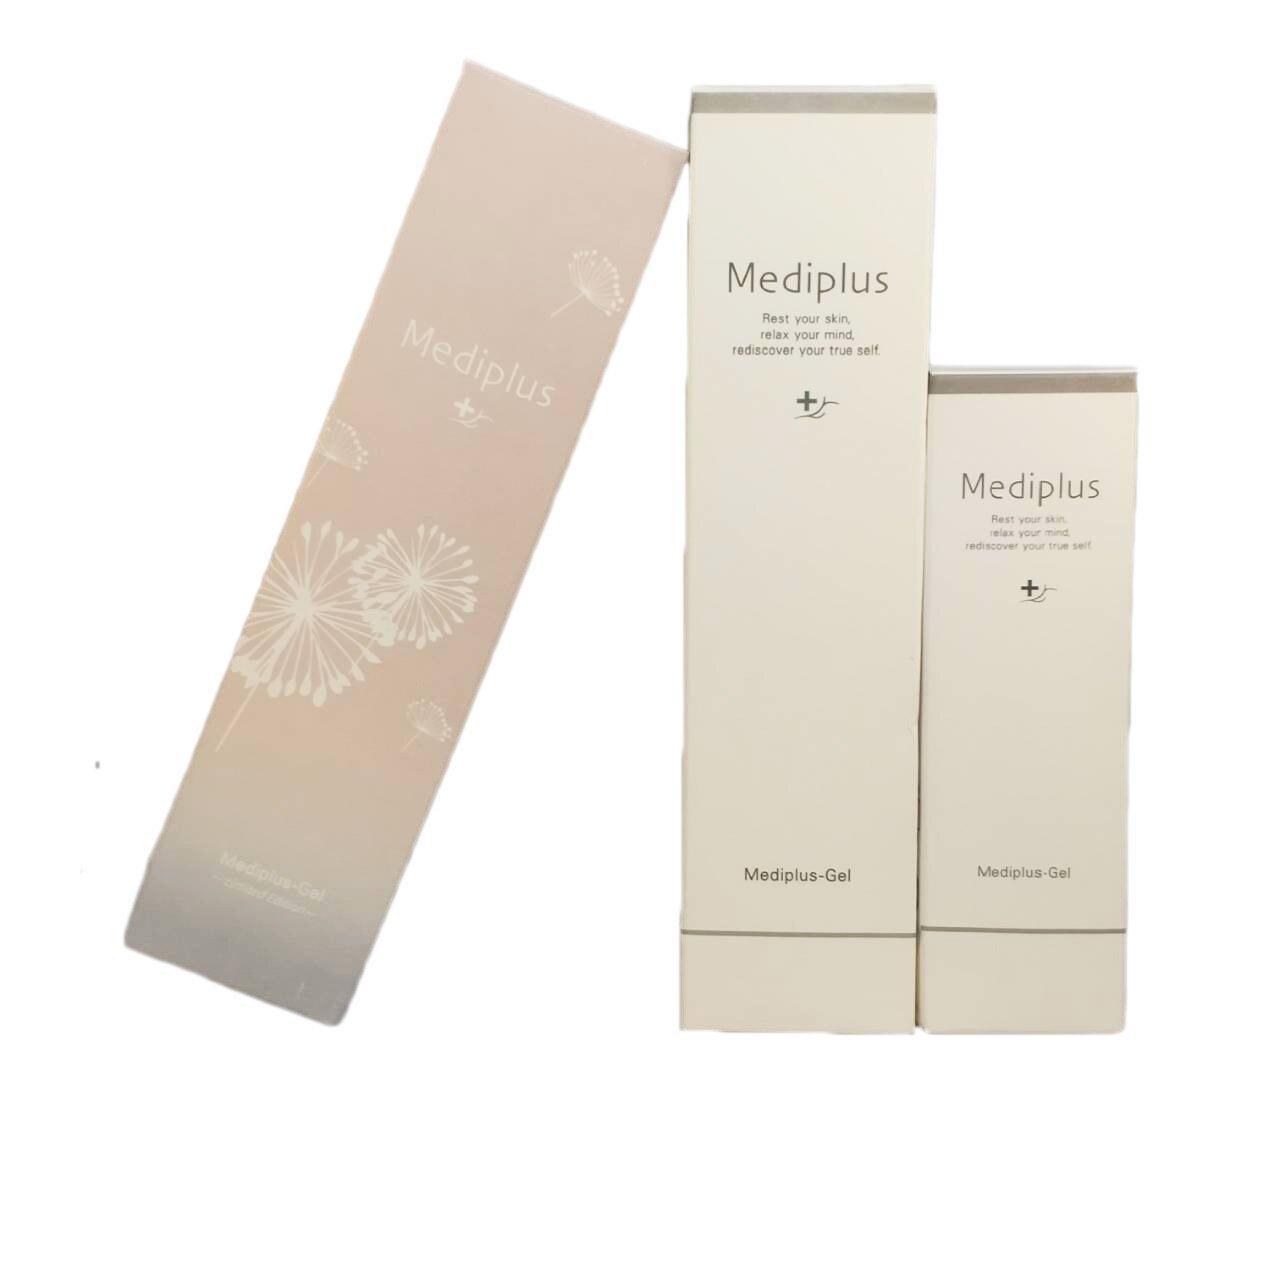 日本 Mediplus 美樂思凝露 45G/180g 全效升級 台灣公司貨/日本製 【RH shop】